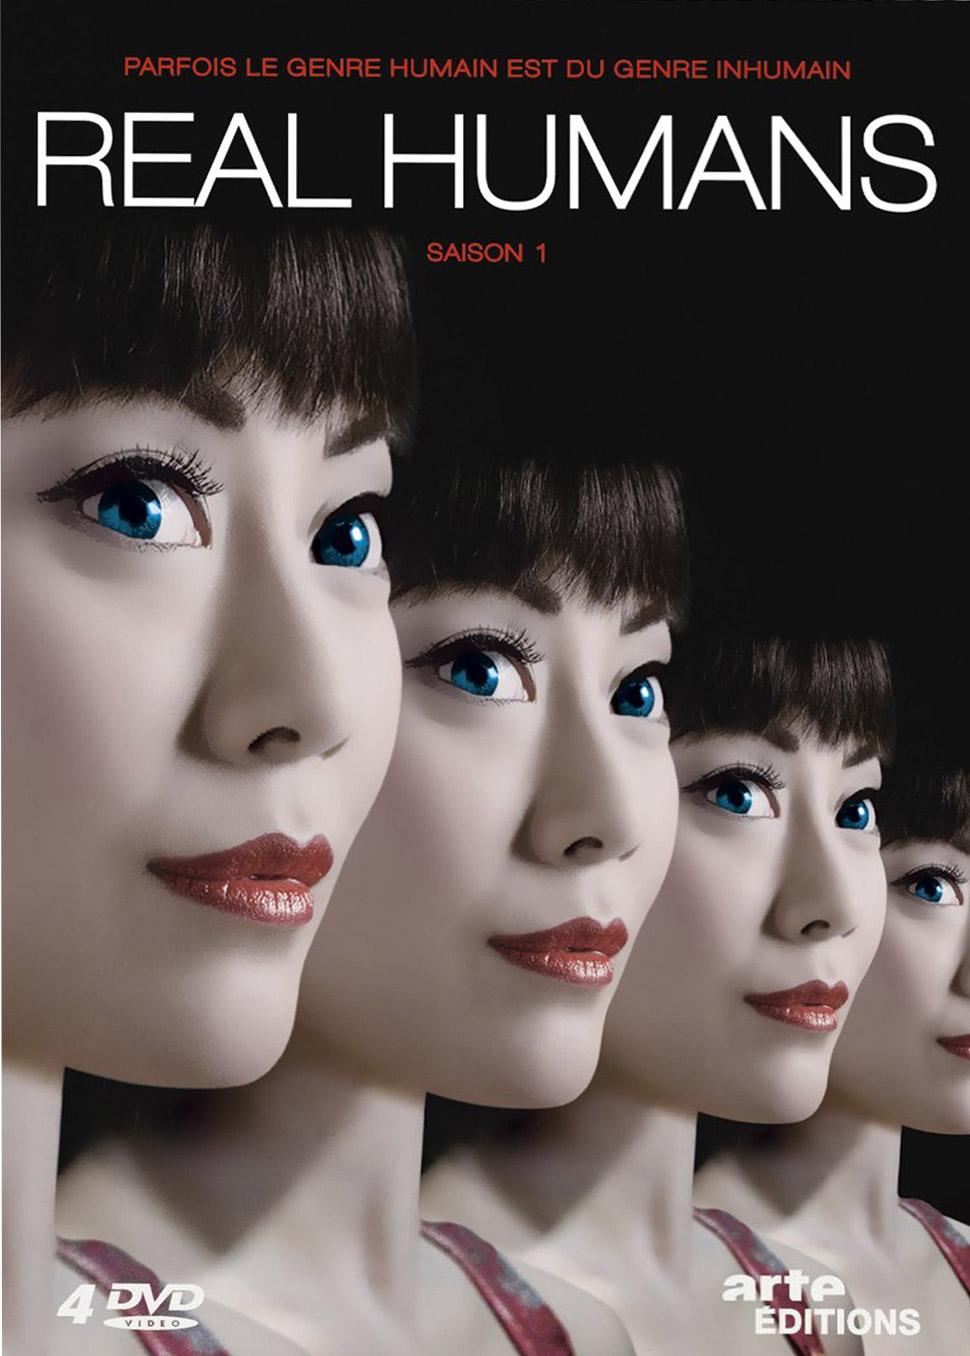 real humans série 2012 adorocinema